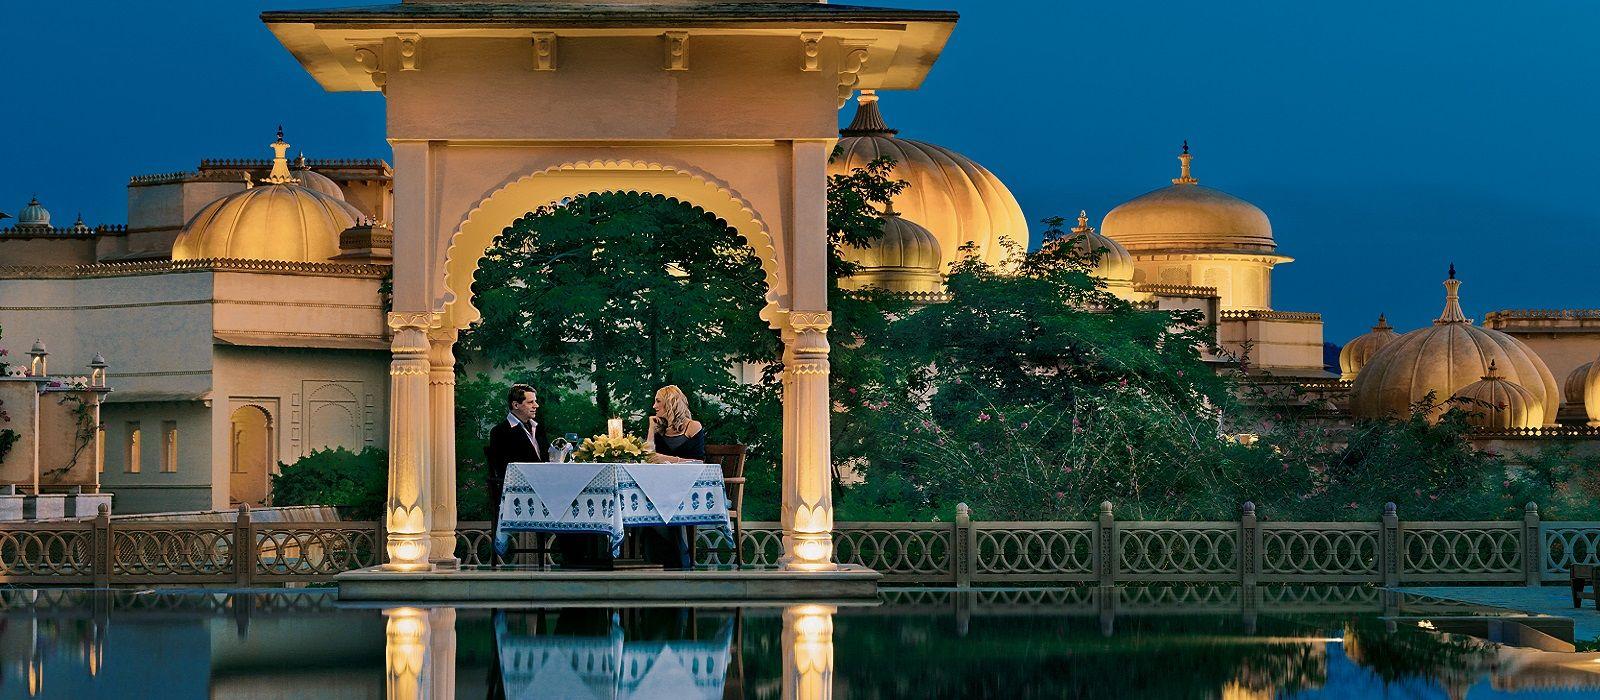 Glanzvolles Rajasthan & Taj Mahal: Exklusiver Luxus mit dem Oberoi-Angebot Urlaub 1